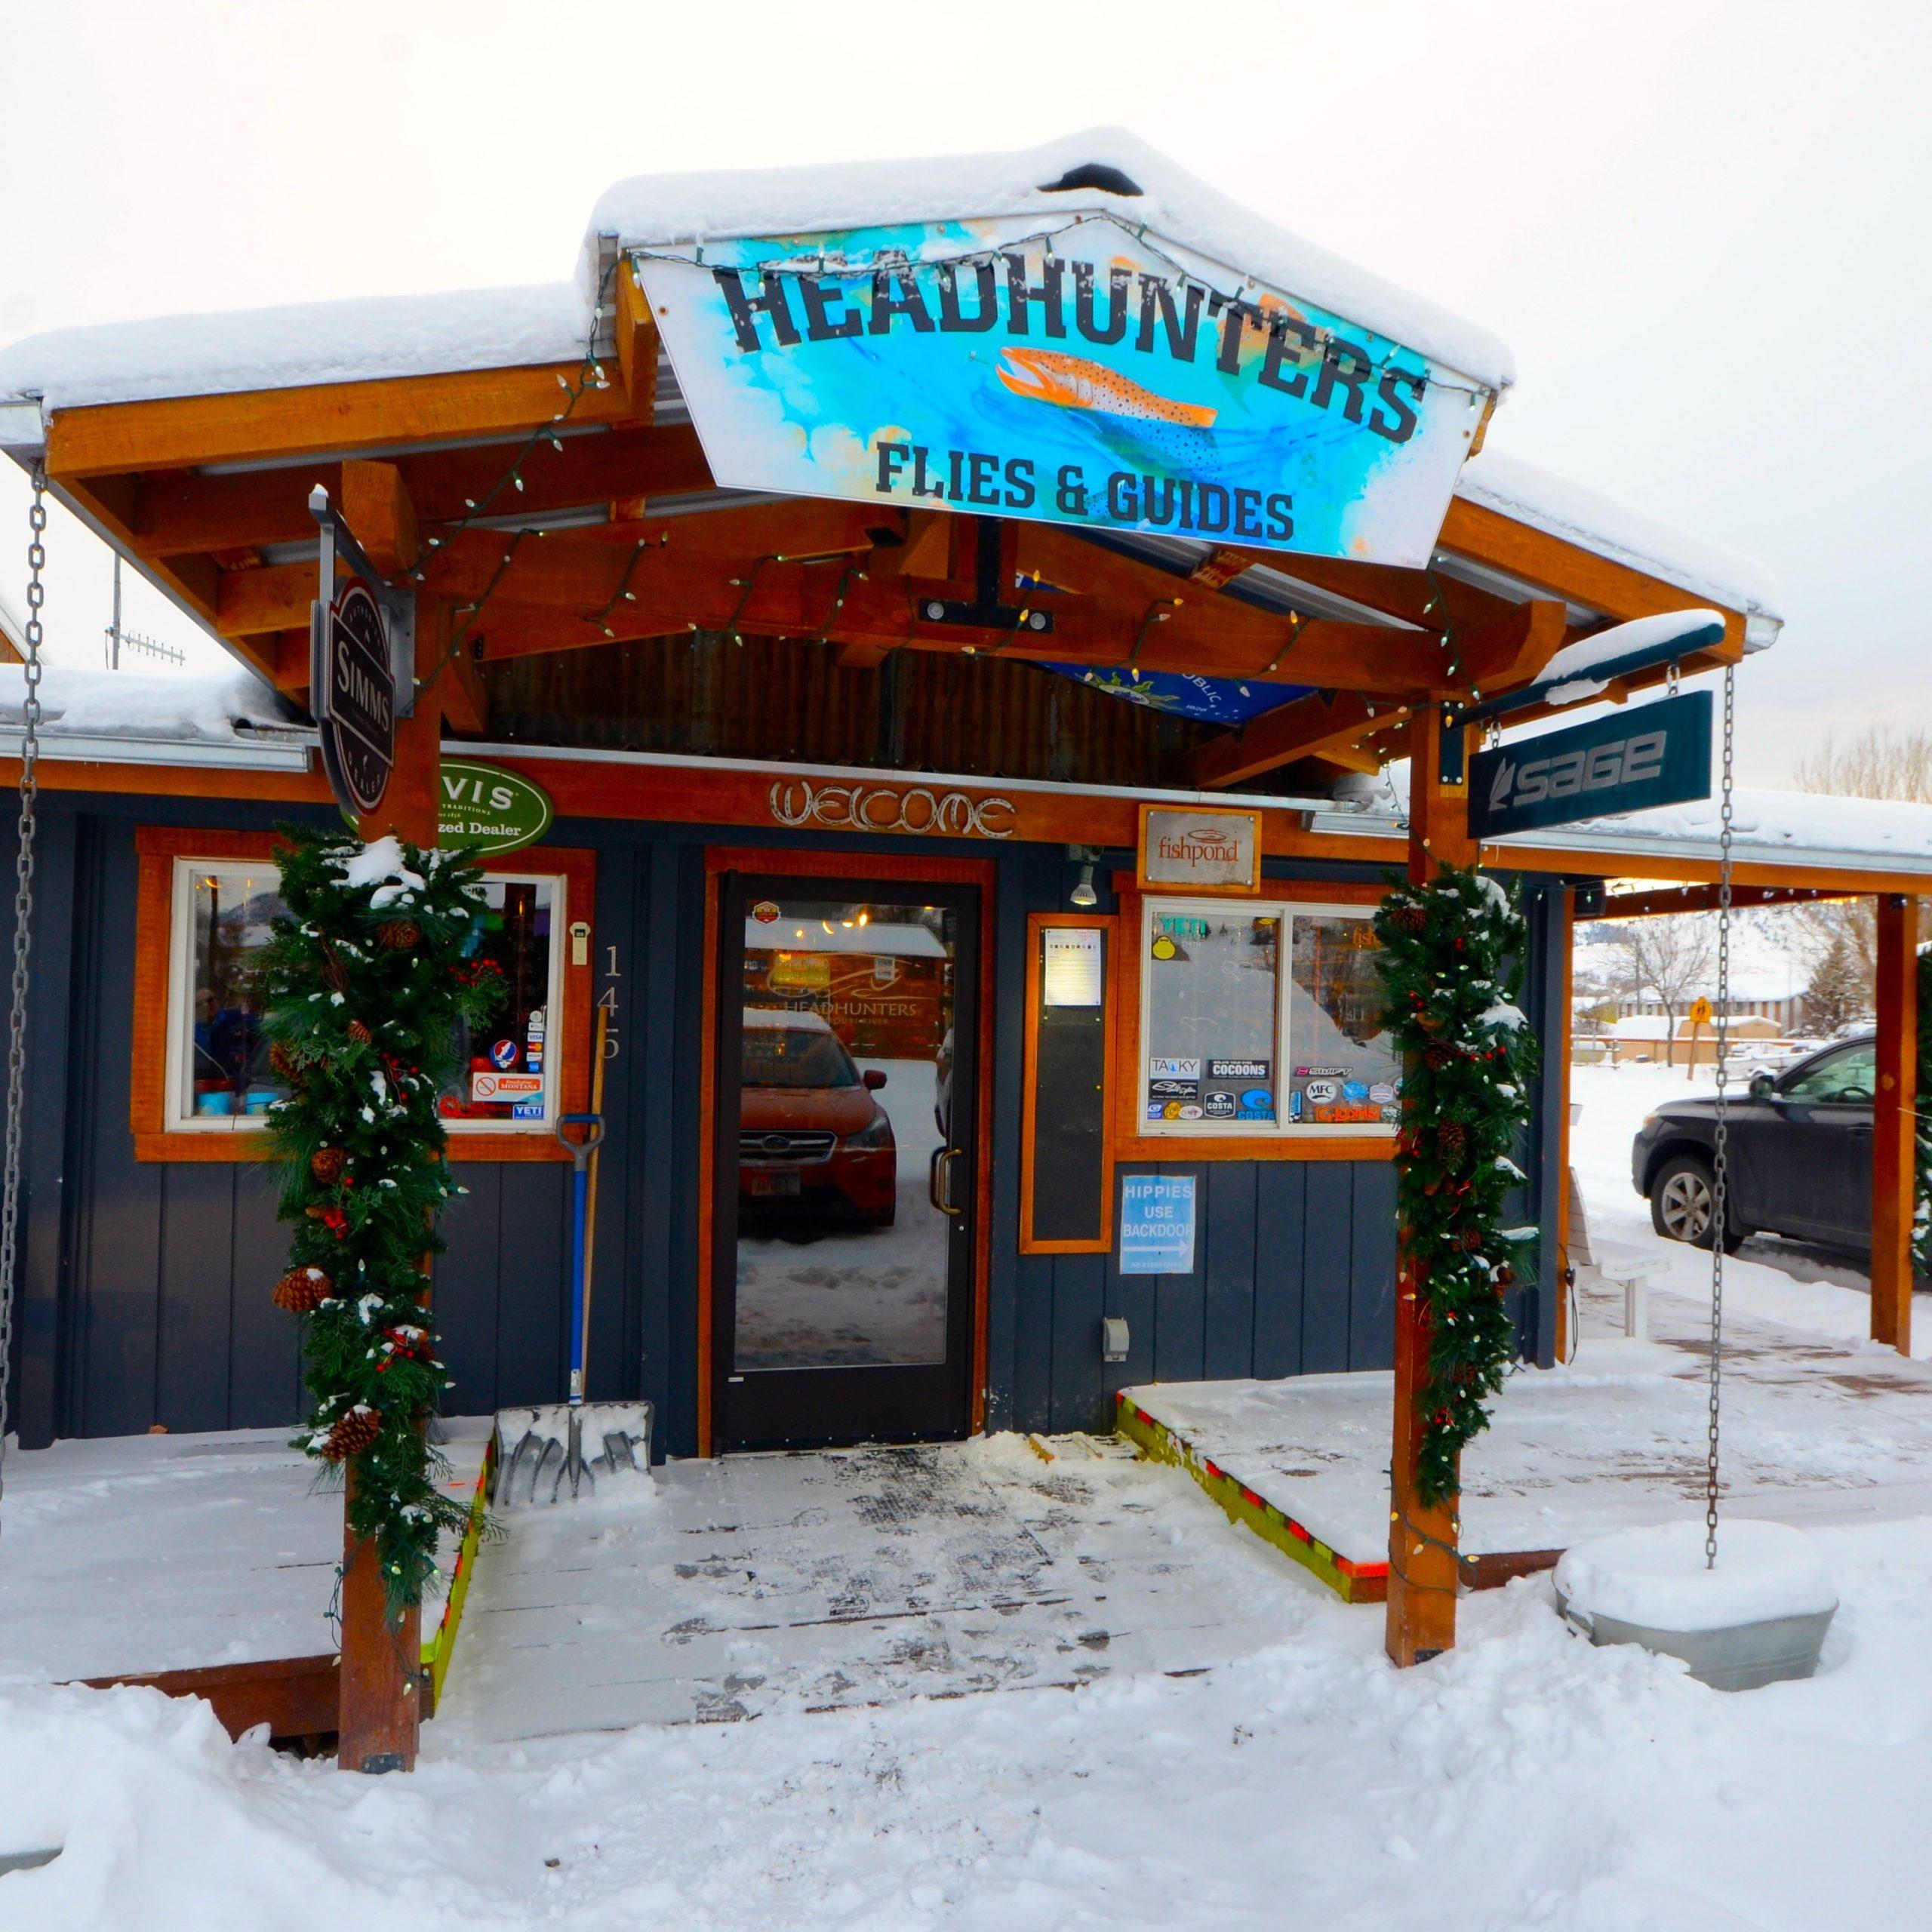 Headhunters Fly Shop Moving Forward